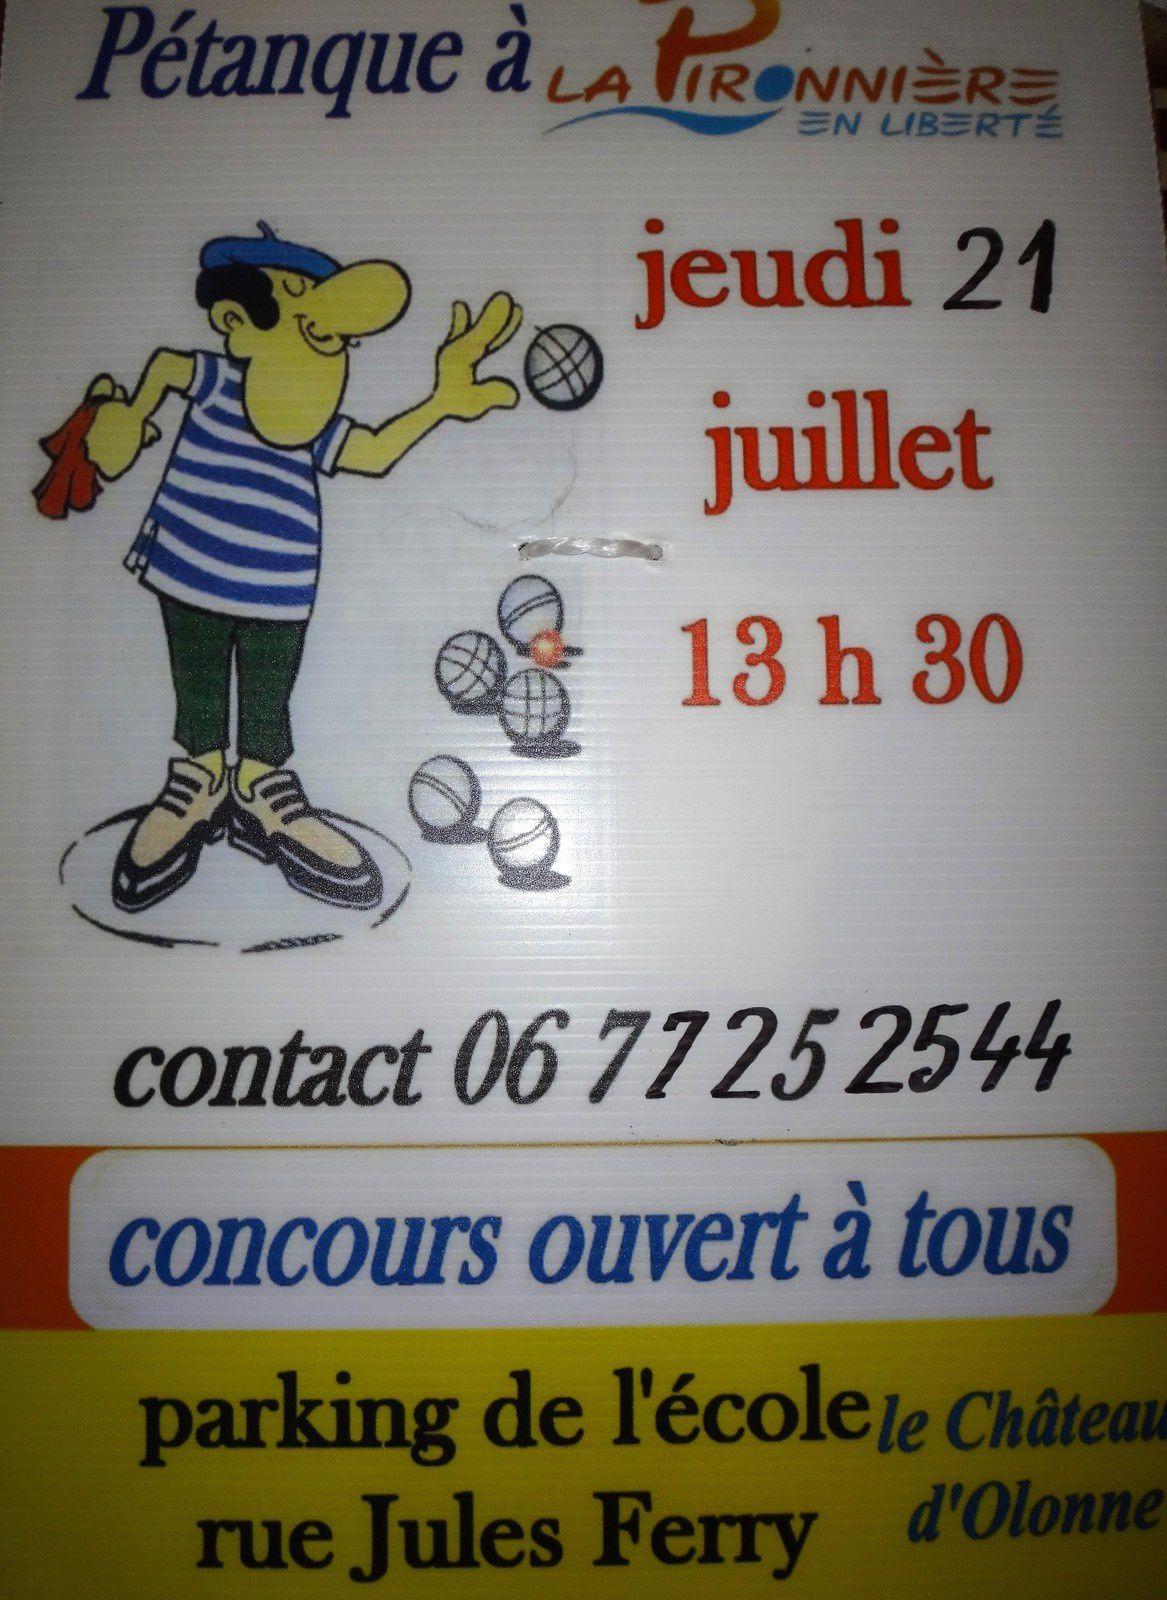 CHÂTEAU D'OLONNE : LA PIRONNIÈRE EN FÊTE